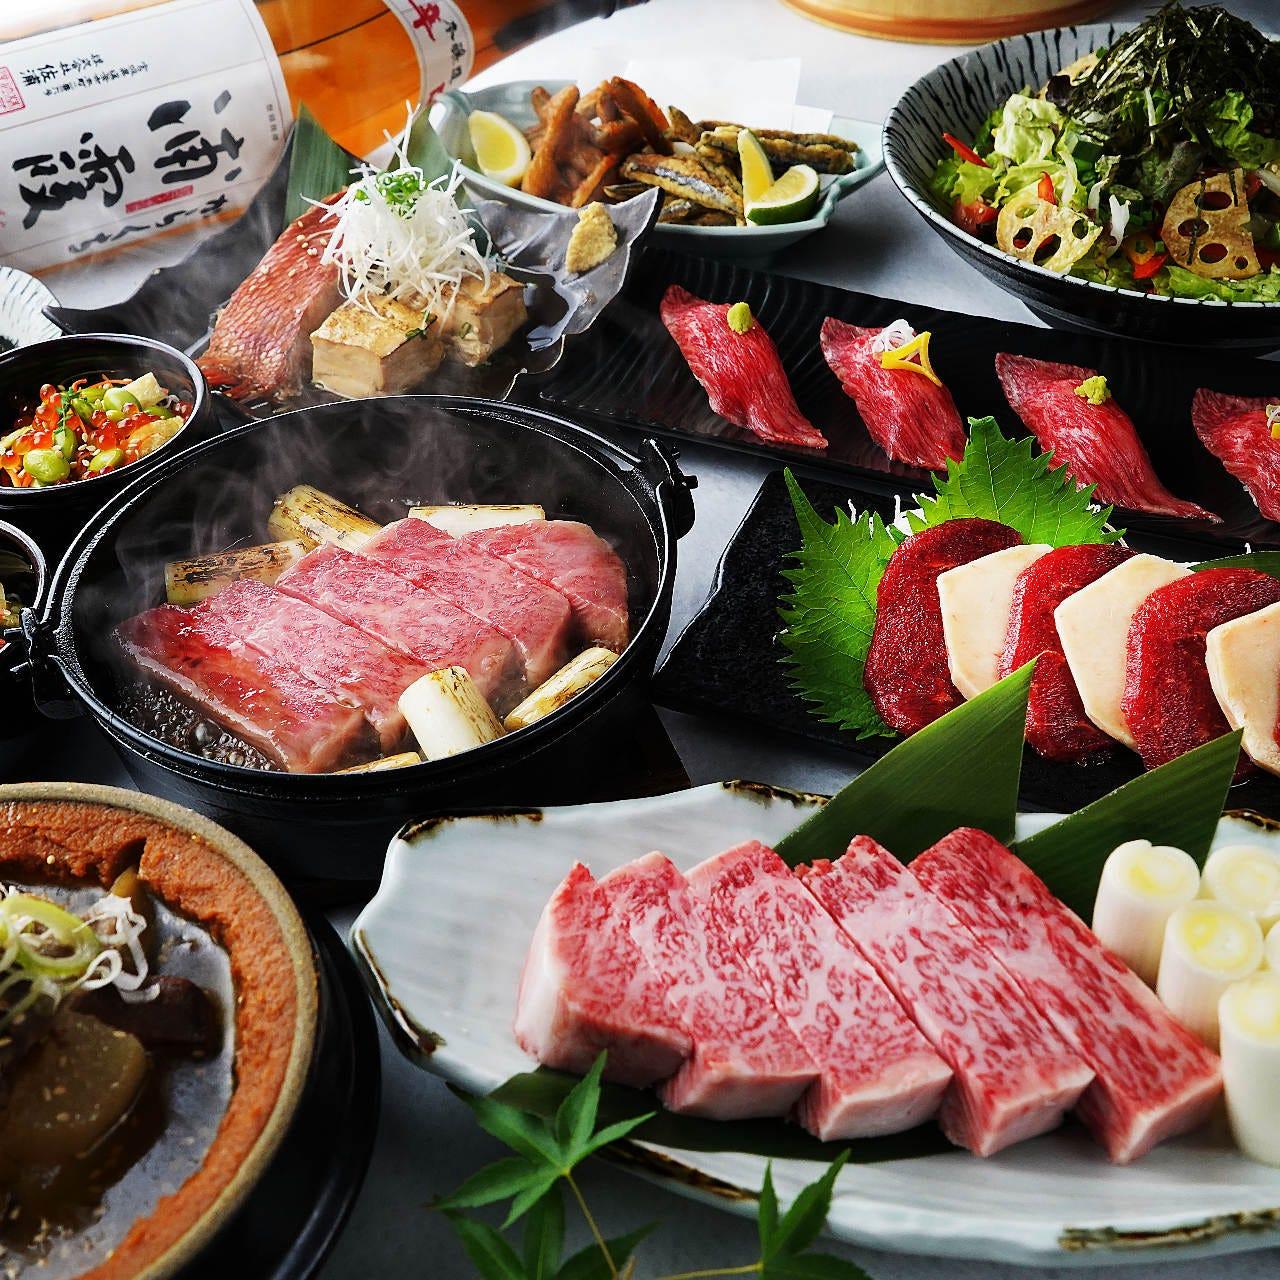 和牛も馬肉も日本屈指の肉料理を堪能